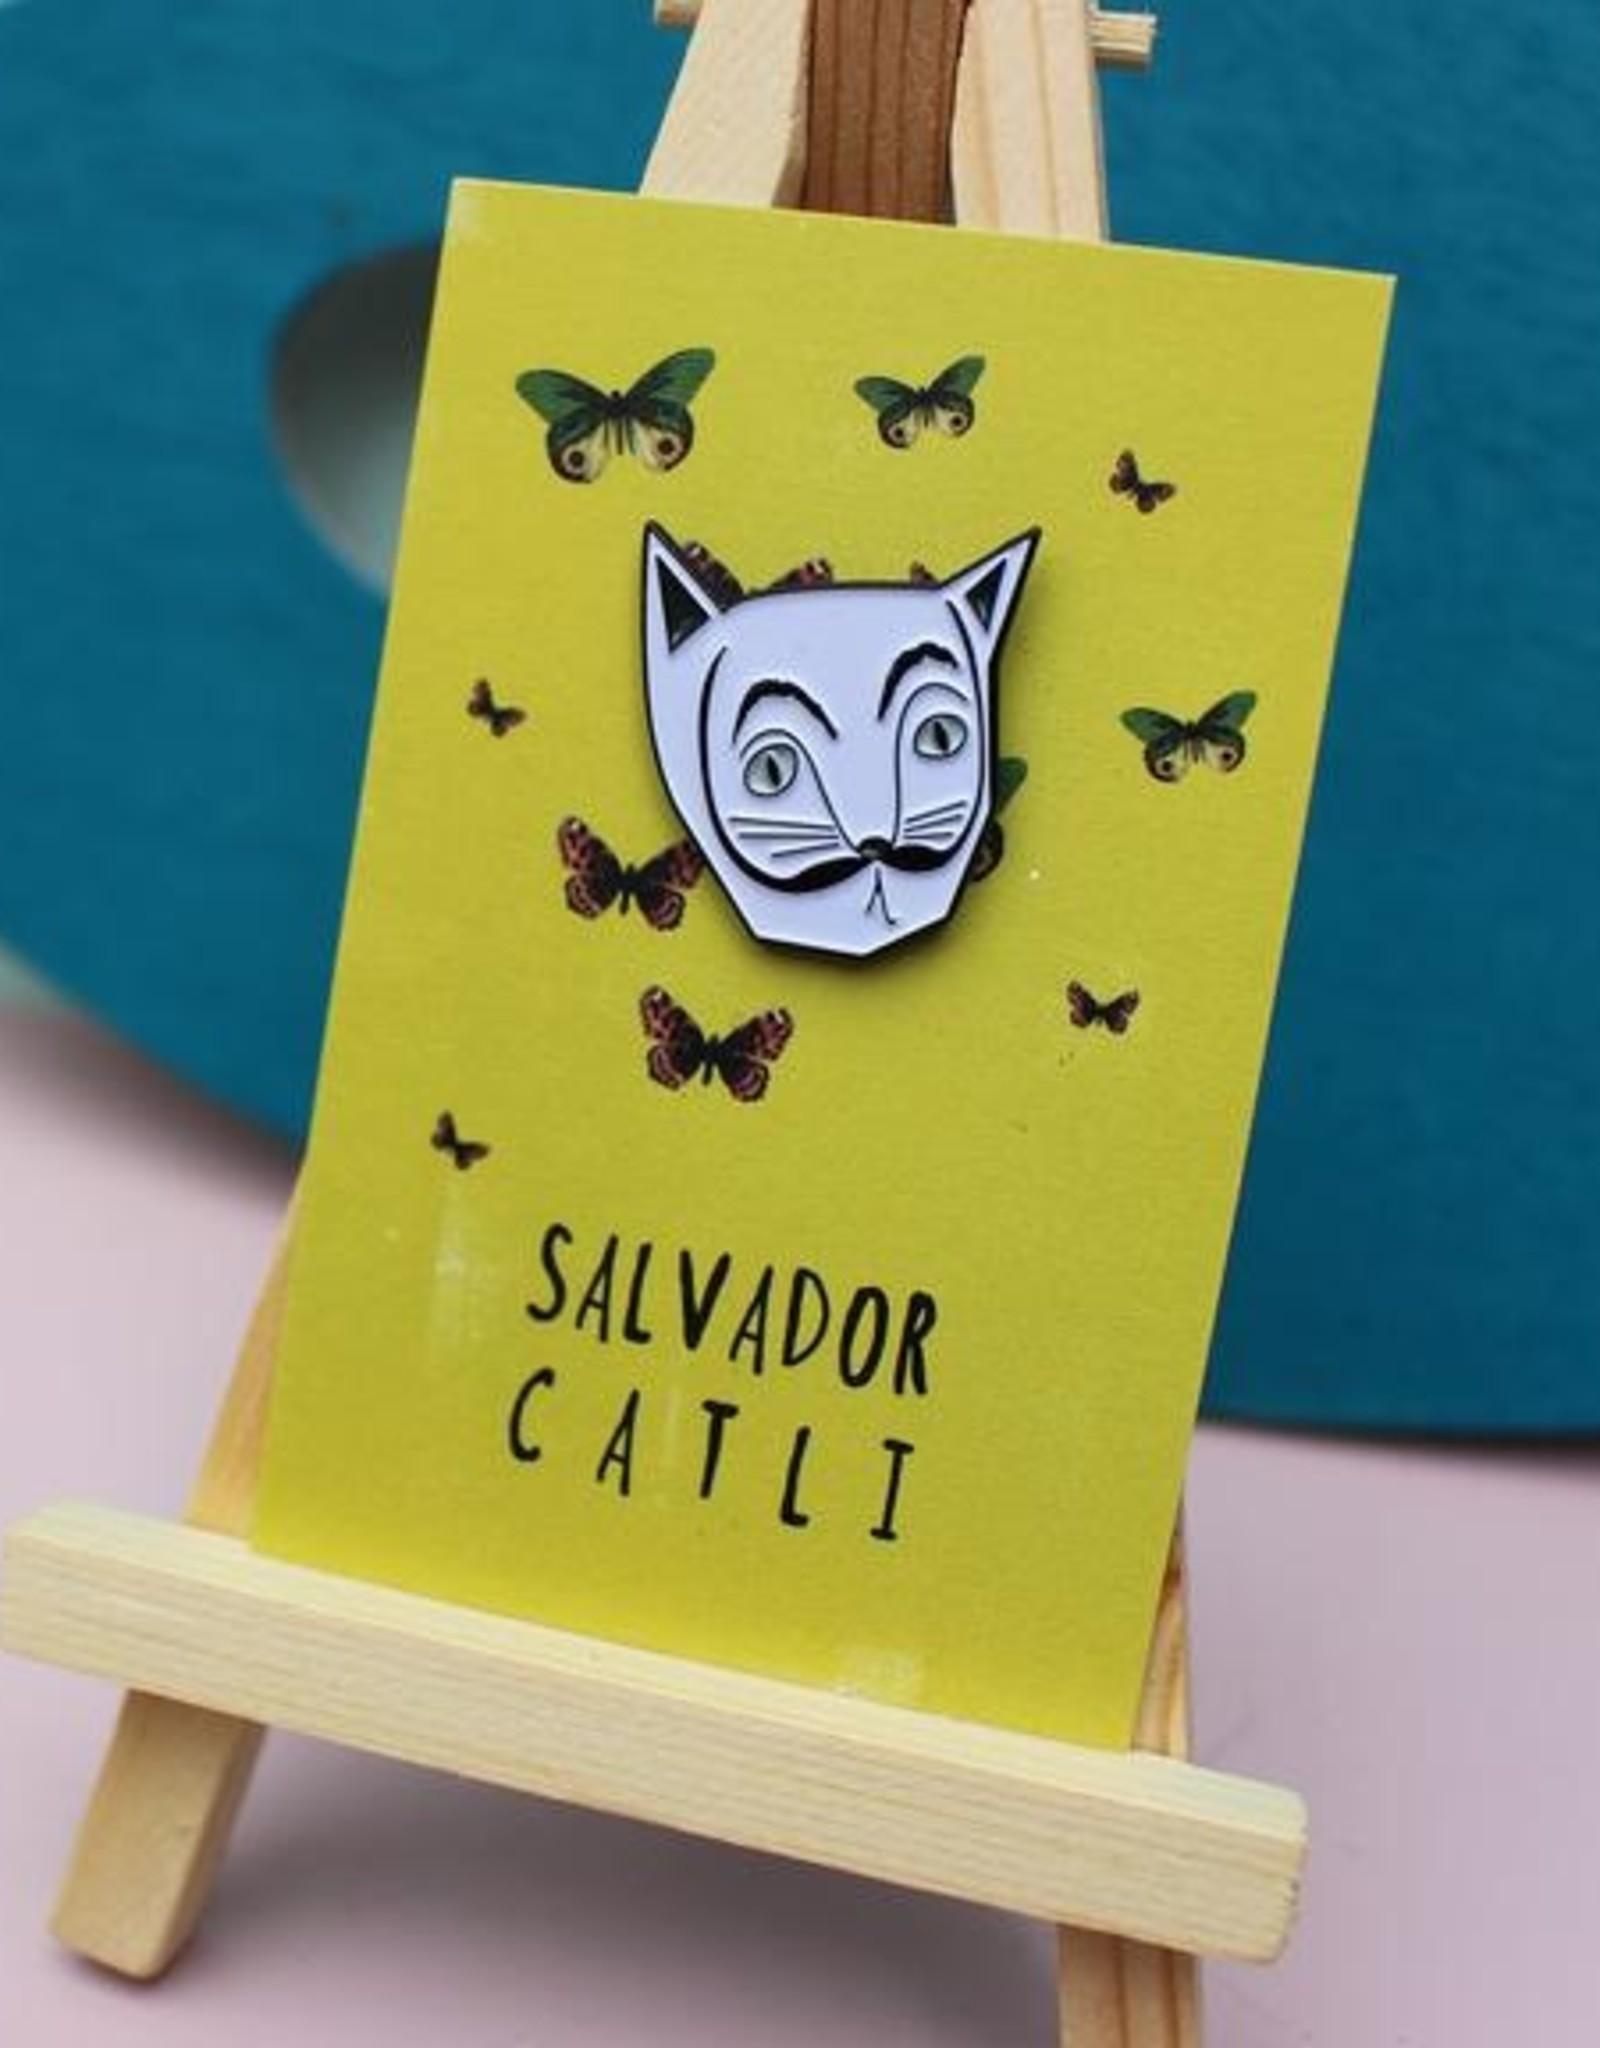 Niaski Niaski - Salvador Catli Pin